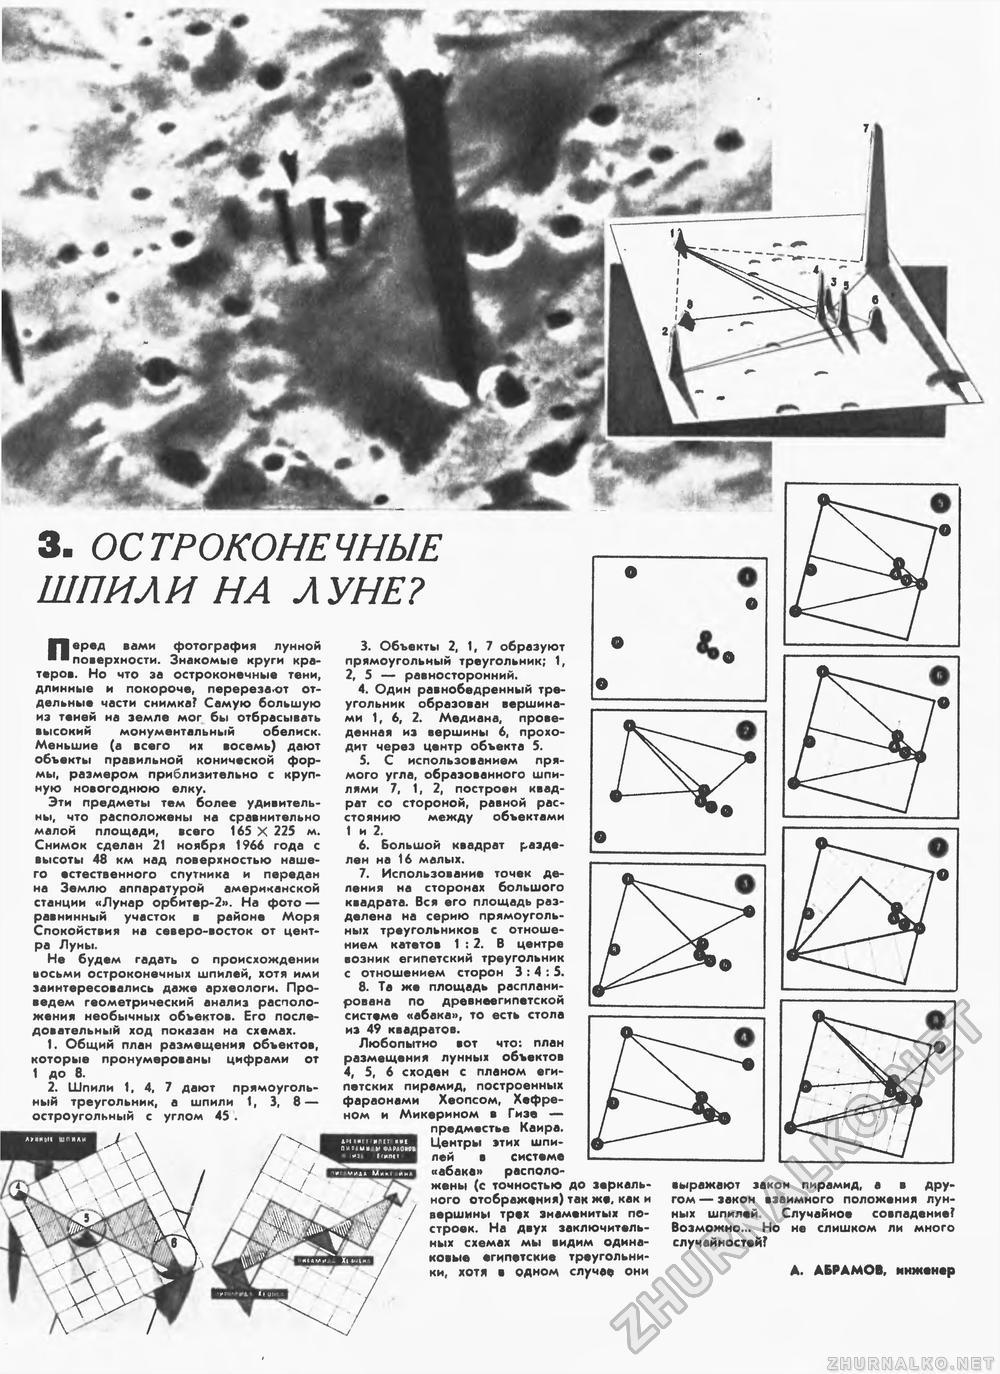 «Остроконечные шпили на Луне?» — СССР, журнал «Техника — молодёжи», 1969 год